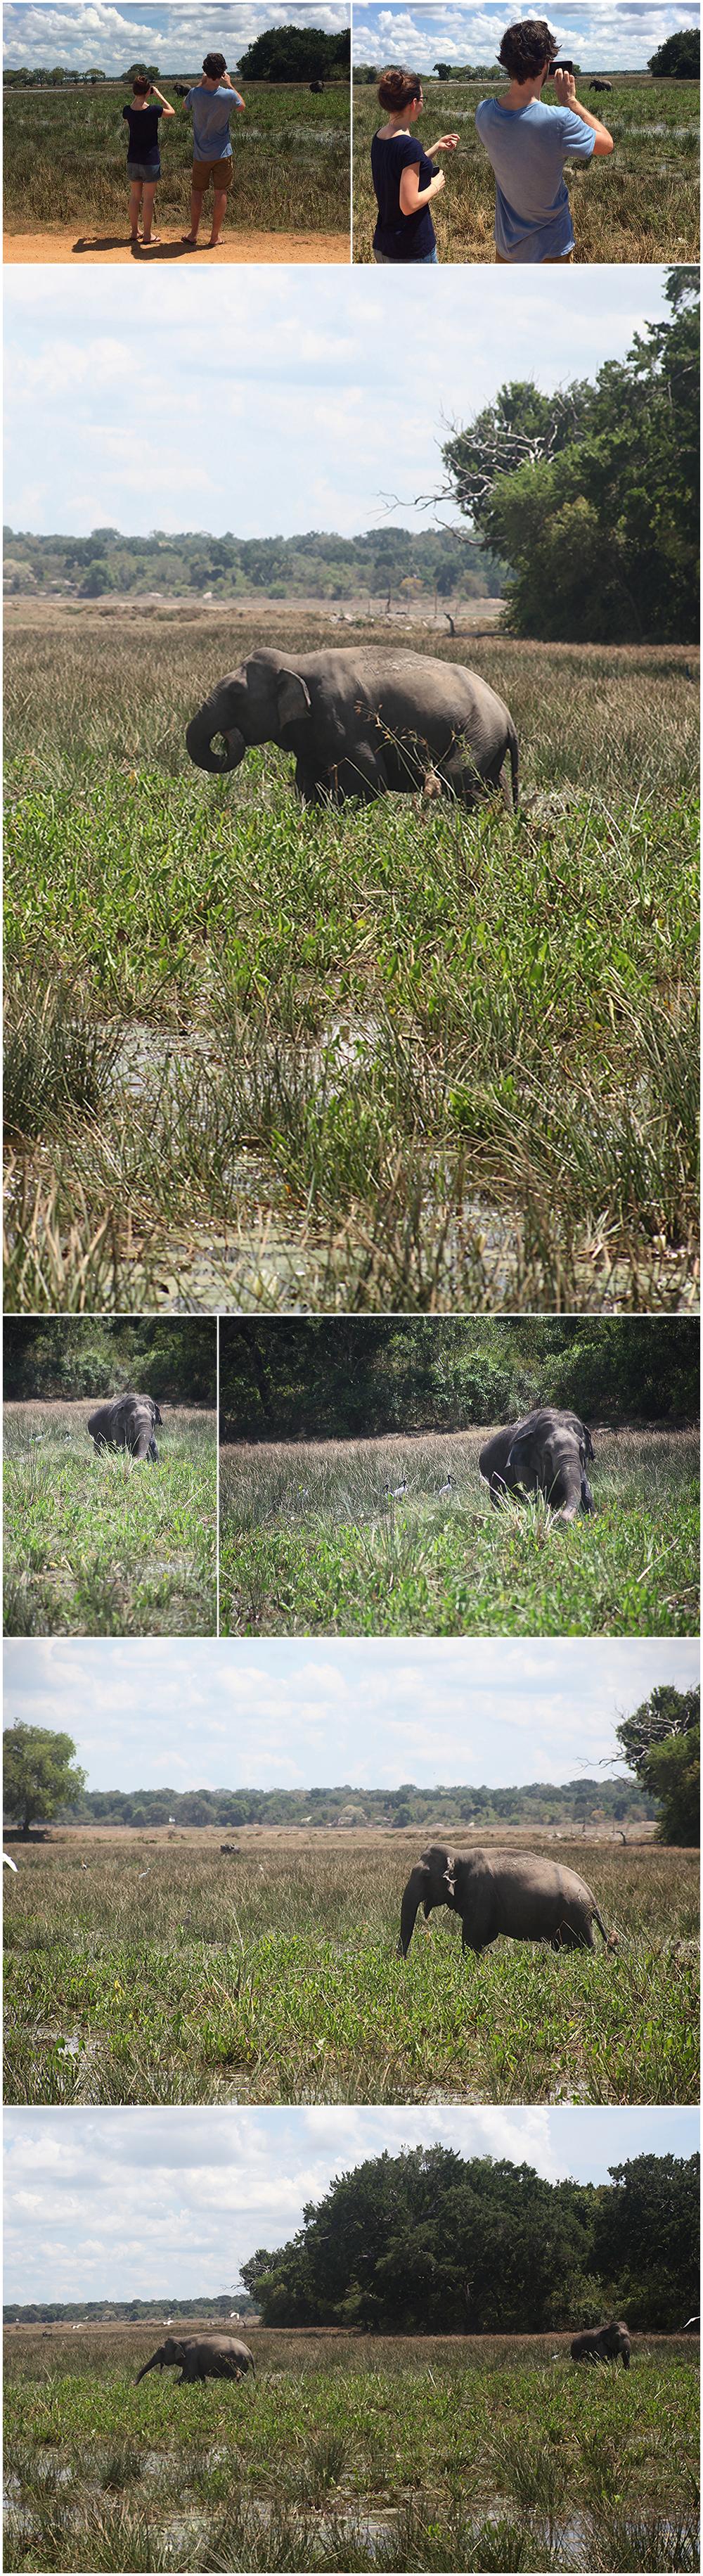 Elephants Kumana National park